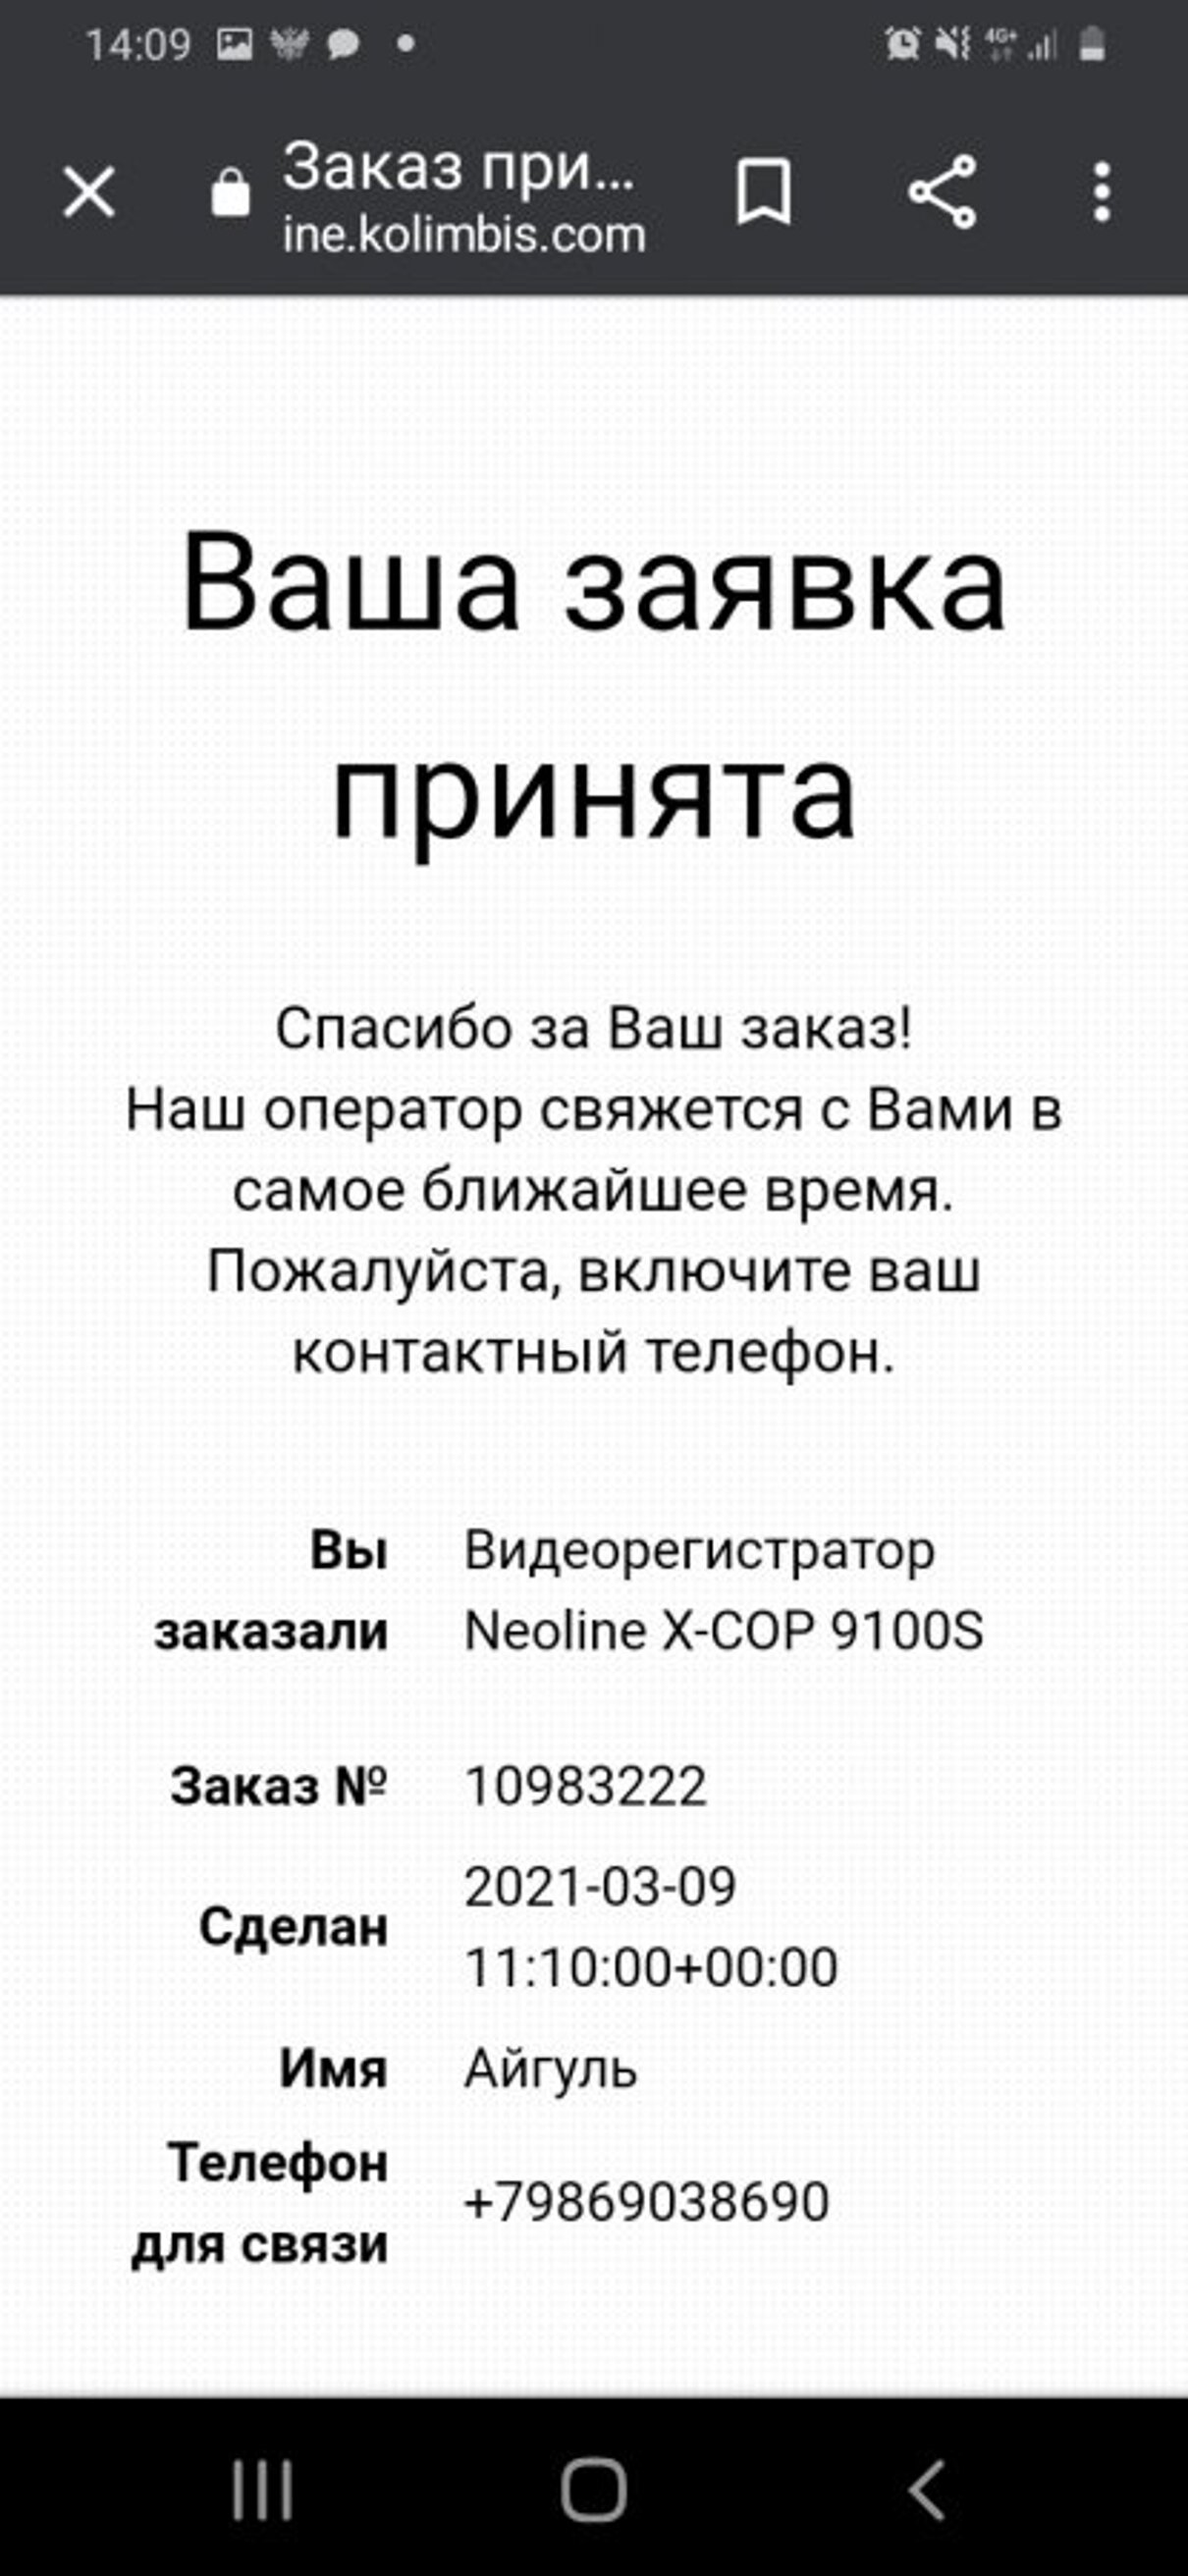 Жалоба-отзыв: Зарубина Элина Вячеславовна - Мошенничество.  Фото №4